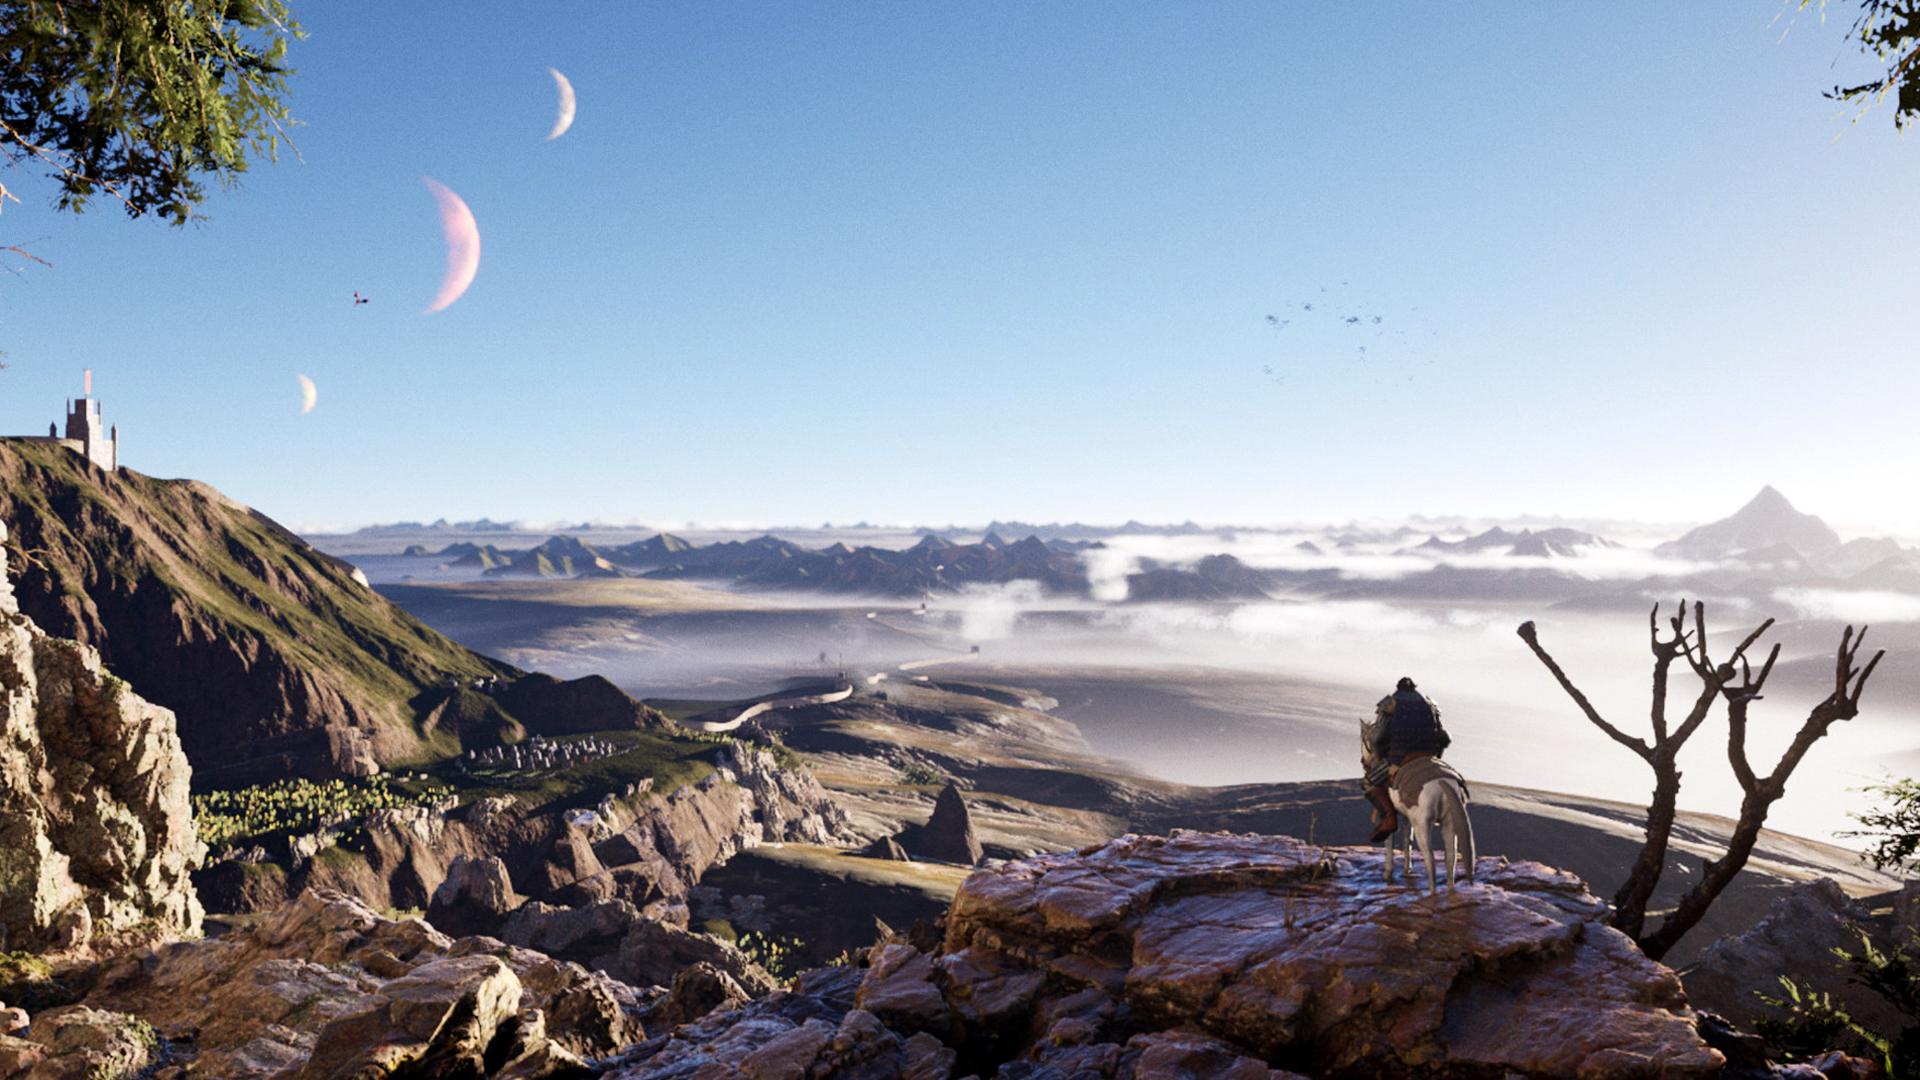 The Wayward Realms is an Elder Scrolls-like from the creators of Elder Scrolls